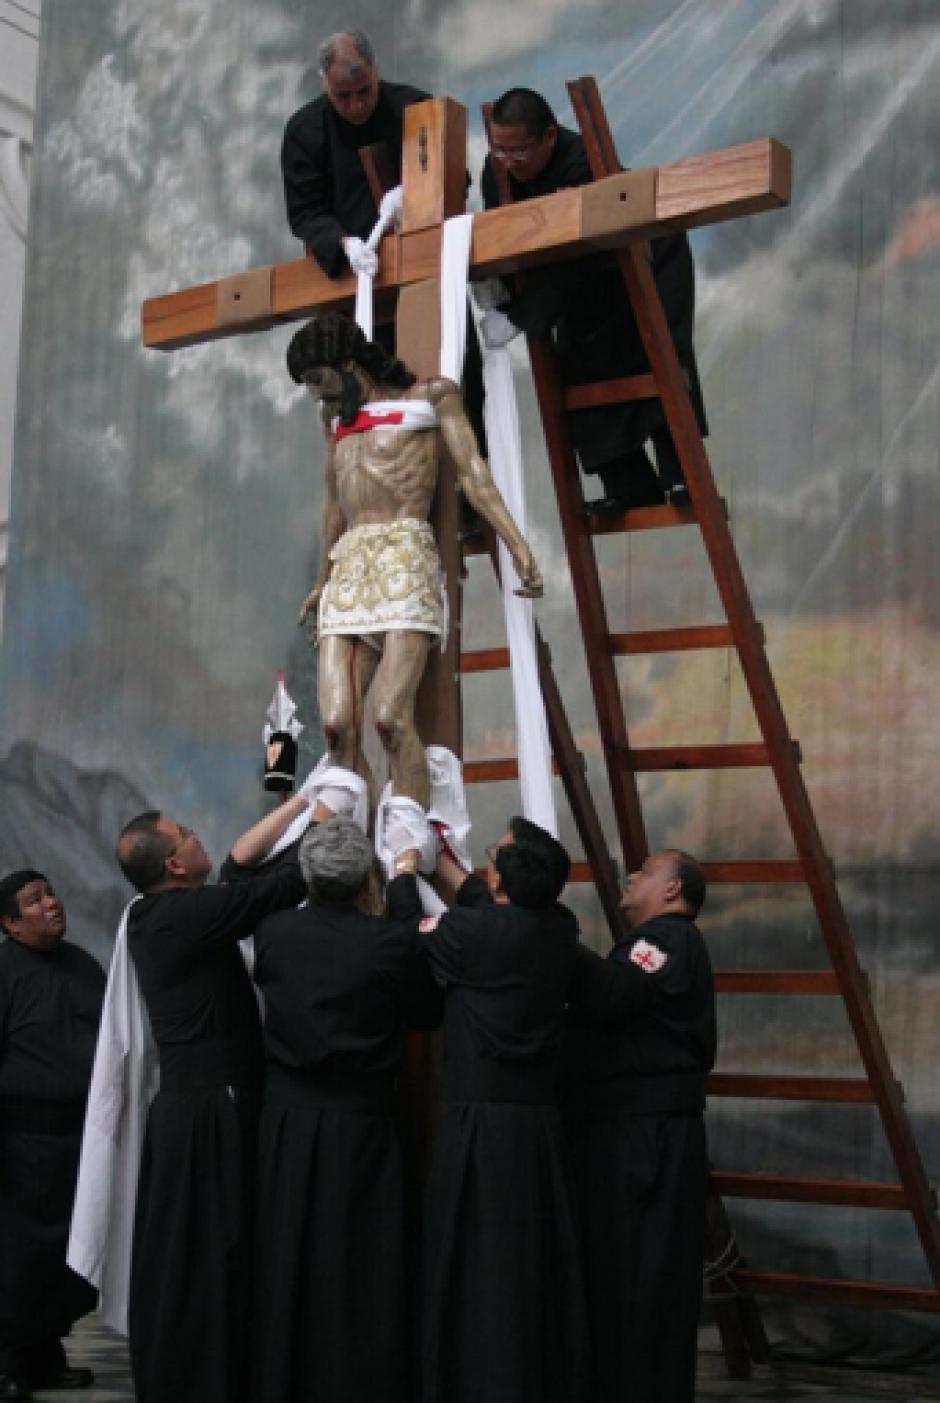 A las once de la mañana se realizó esta representación de la Crucifixión. (Foto: Raúl Illescas)